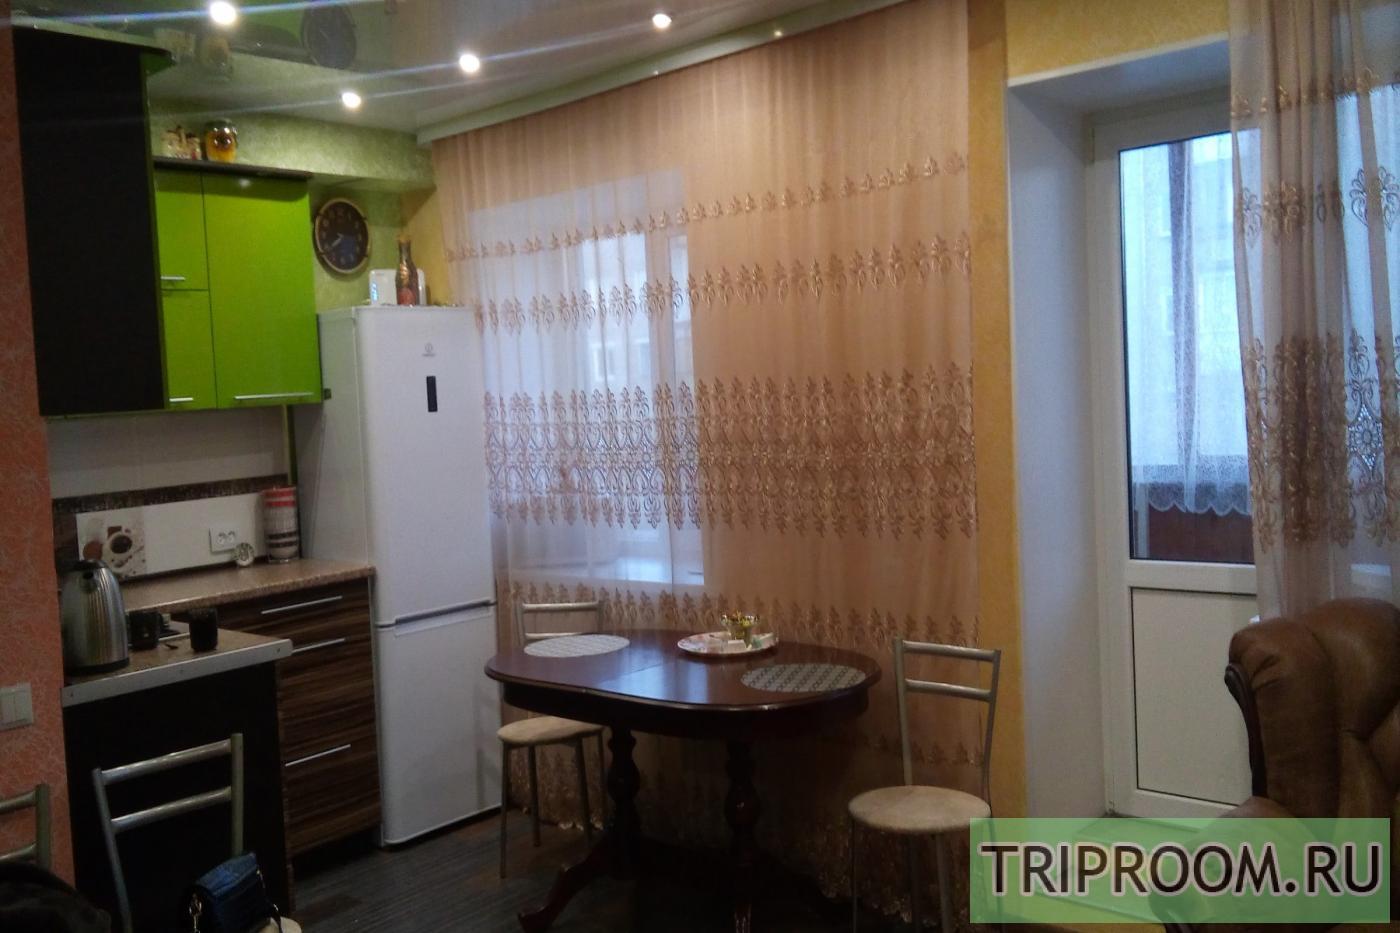 1-комнатная квартира посуточно (вариант № 21339), ул. Петропавловская улица, фото № 1